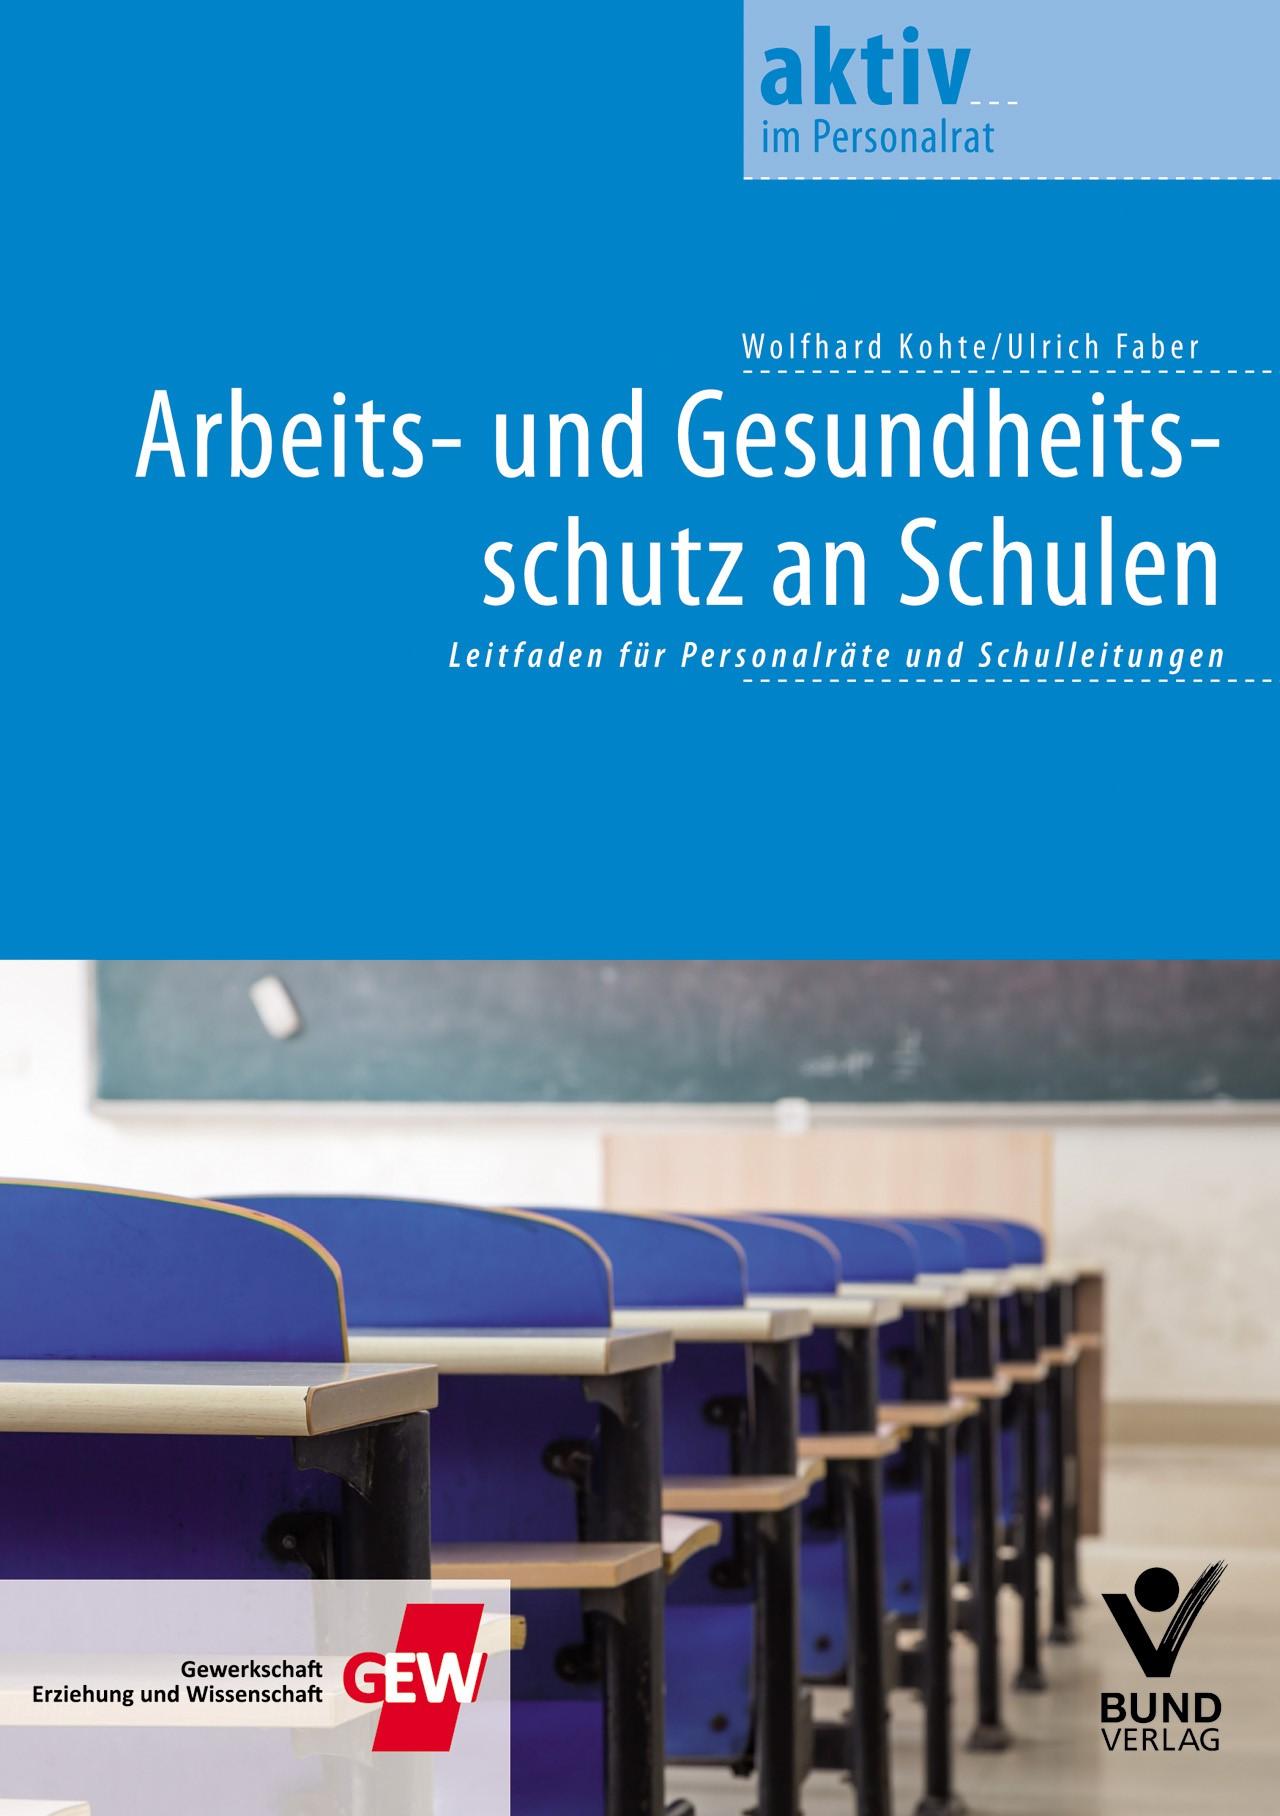 Arbeits- und Gesundheitsschutz an Schulen | Faber / Kohte, 2014 | Buch (Cover)